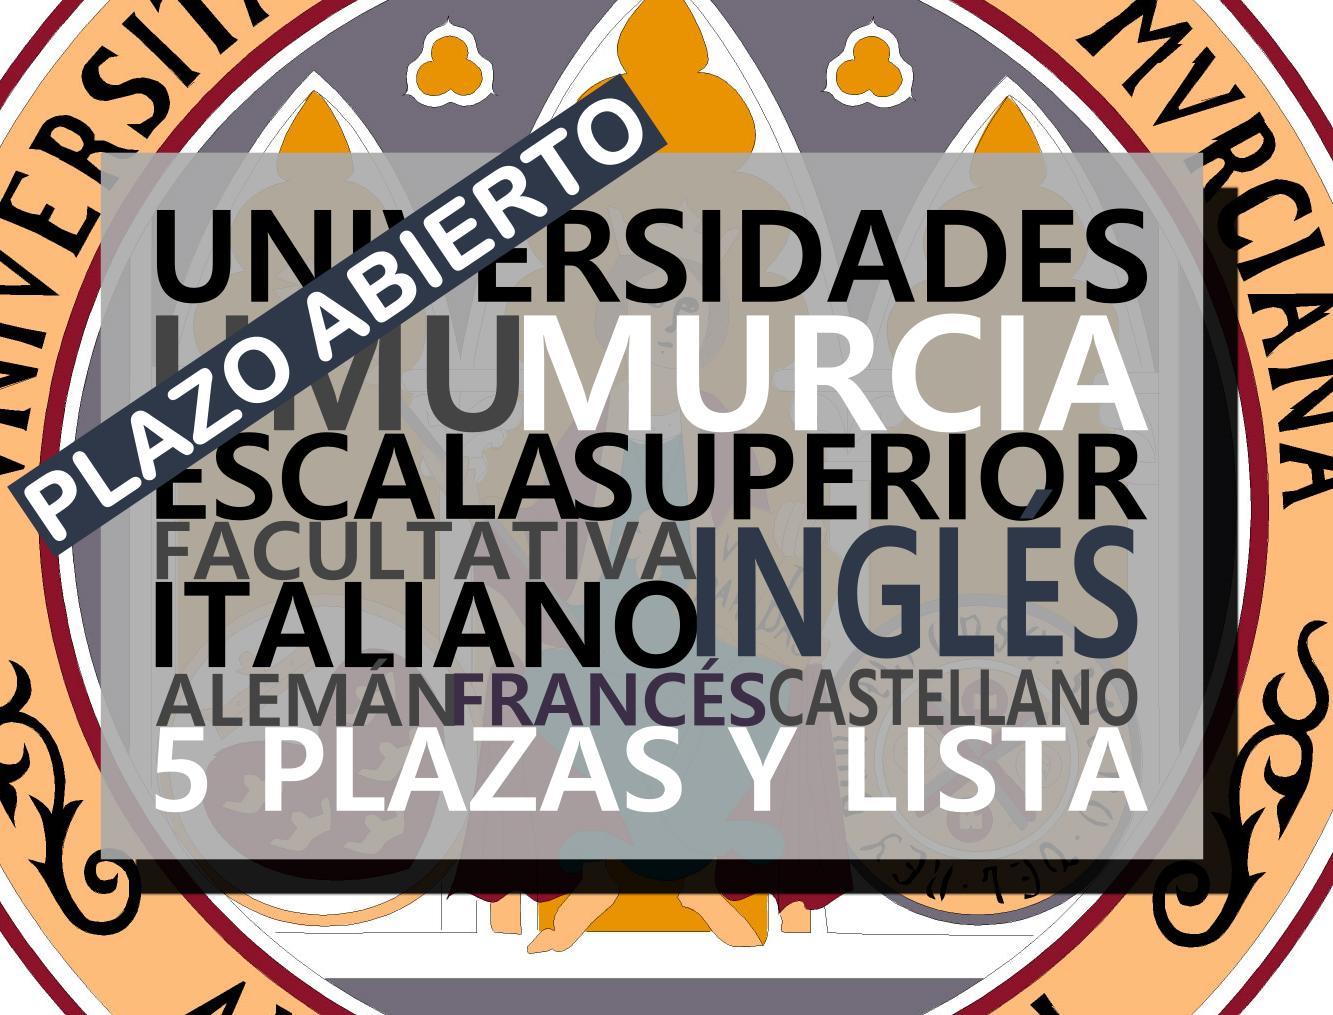 Universidad de Murcia convoca 5 procesos selectivos con lista de espera sobre idiomas